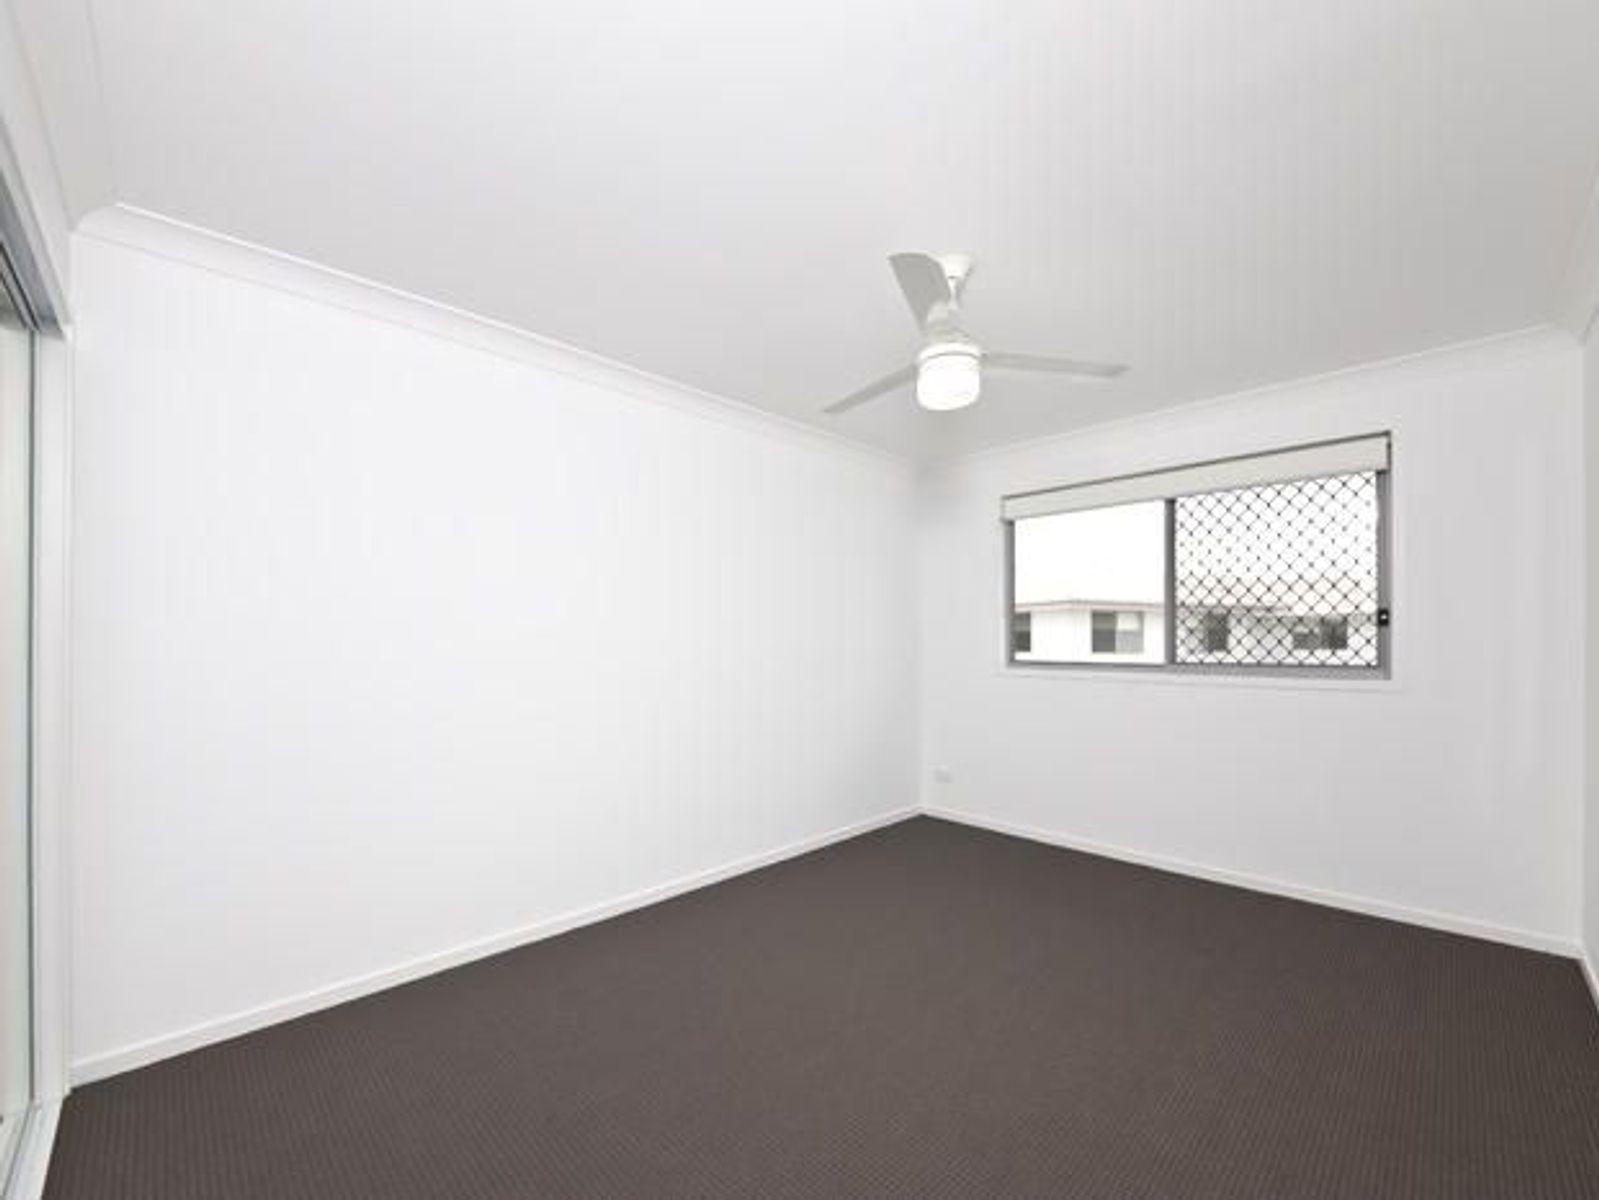 22/48 Macadie Way, Merrimac, QLD 4226